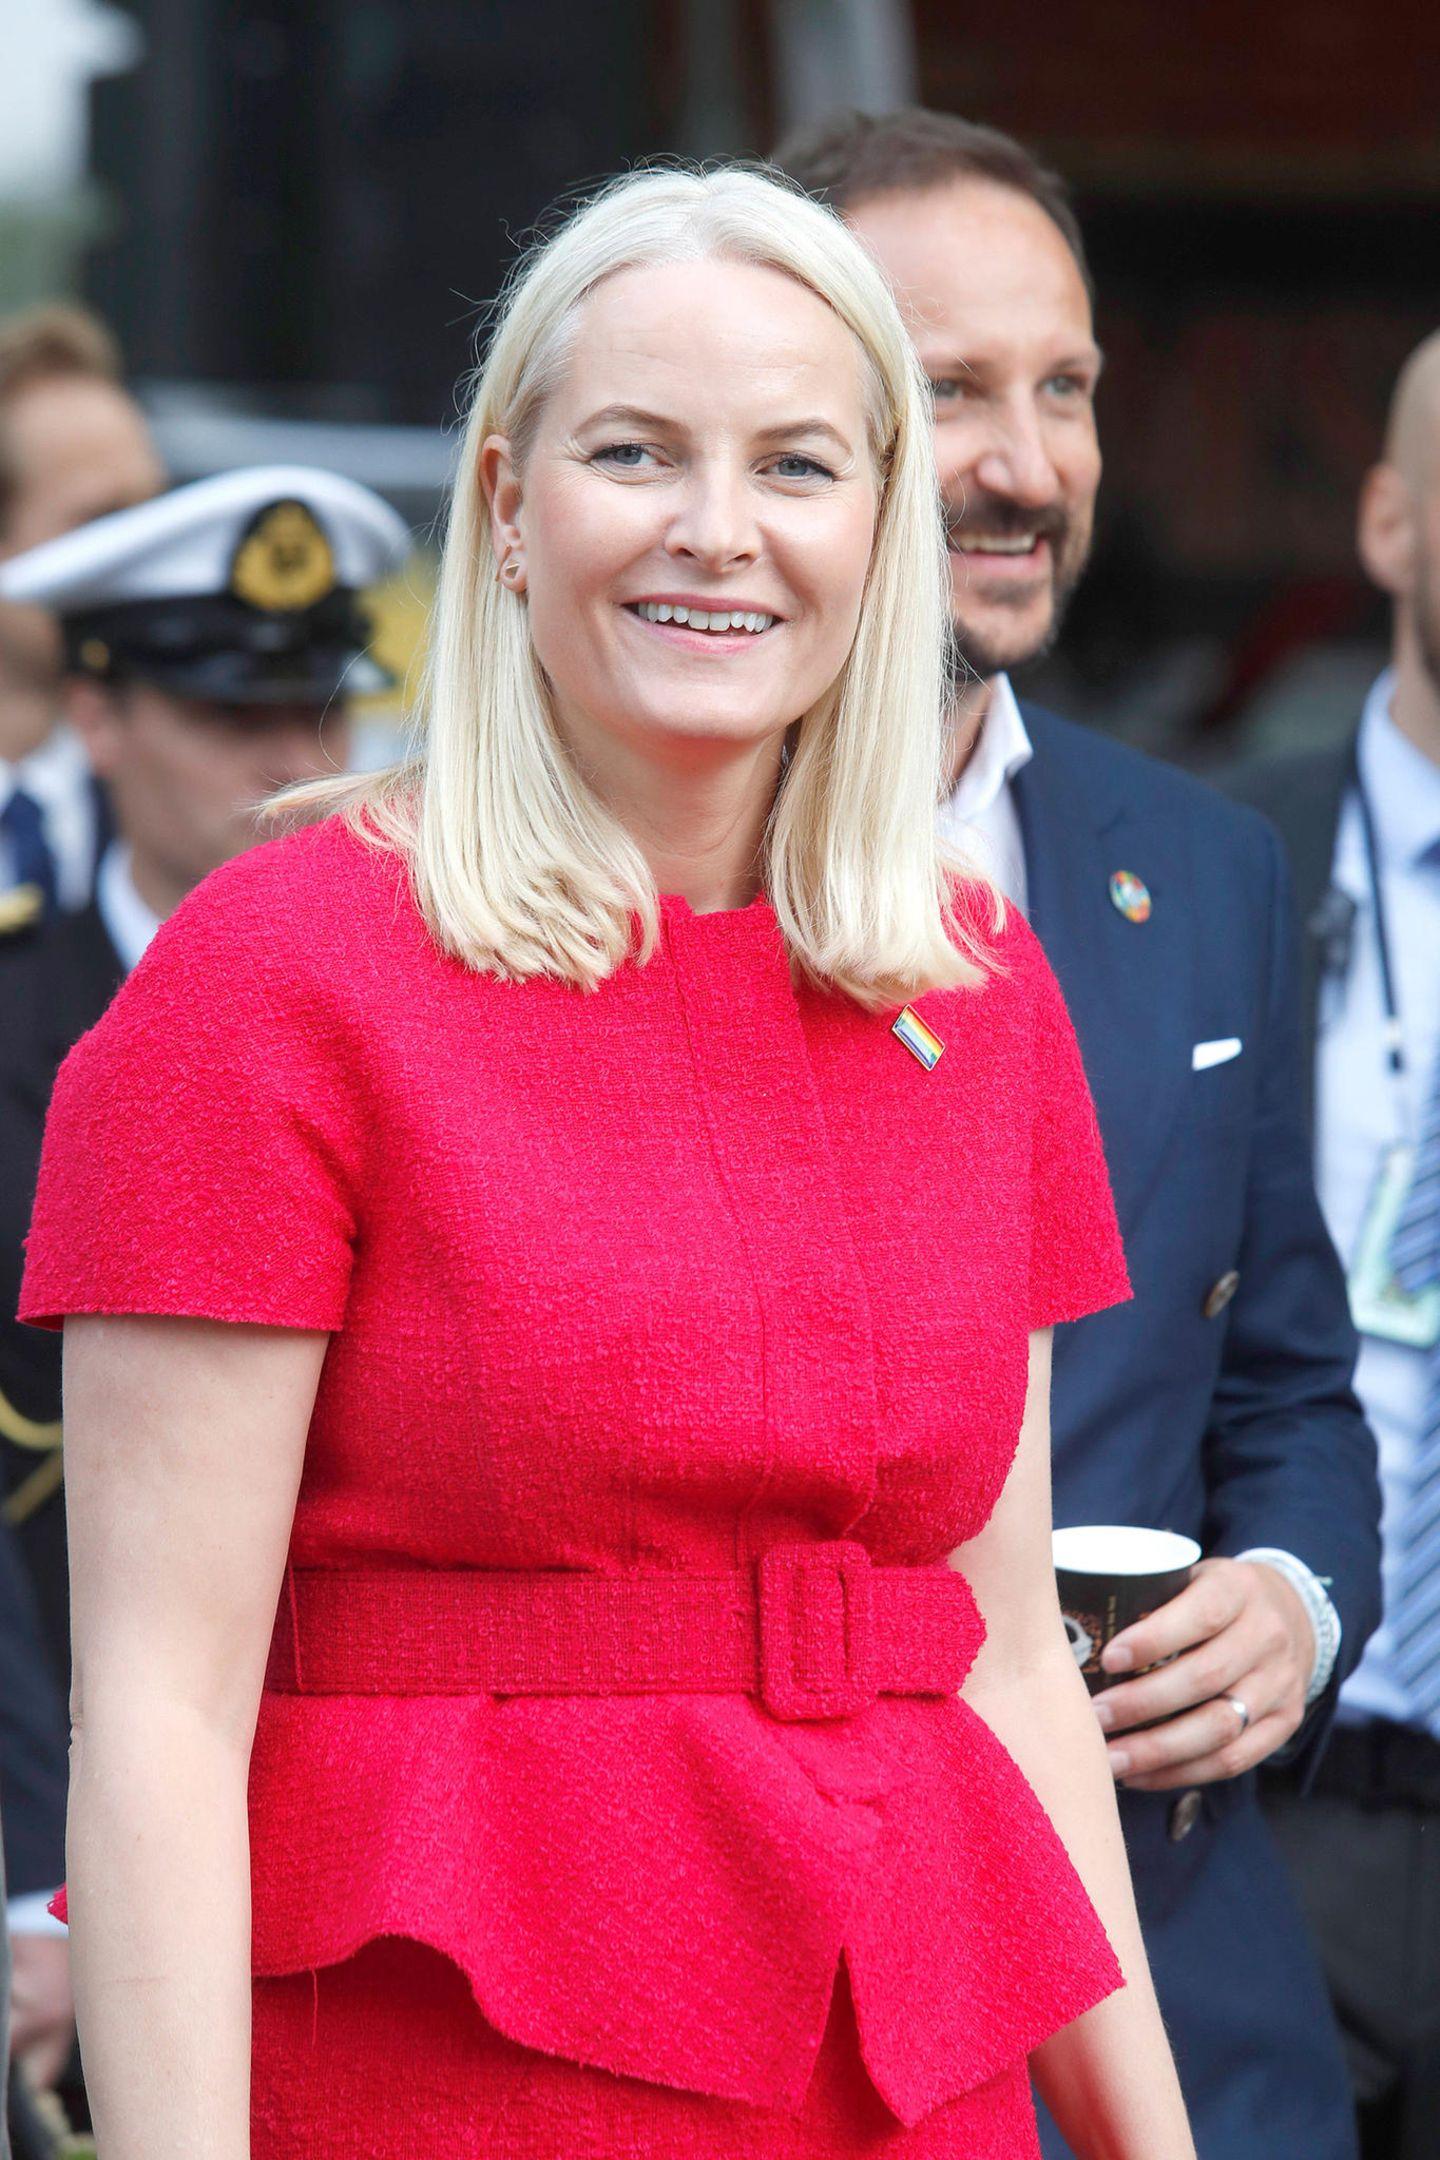 19. August 2019  Gratulerer, Mette-Marit! Die norwegische Kronprinzessin feiert heute ihren 46. Geburtstag, und das Könighaus gratuliert auf Instagram mit einem fröhlichen Sommerbild auf der Oslo Pride im Juni. Das tun wir hiermit auch:Herzlichen Glückwunsch!